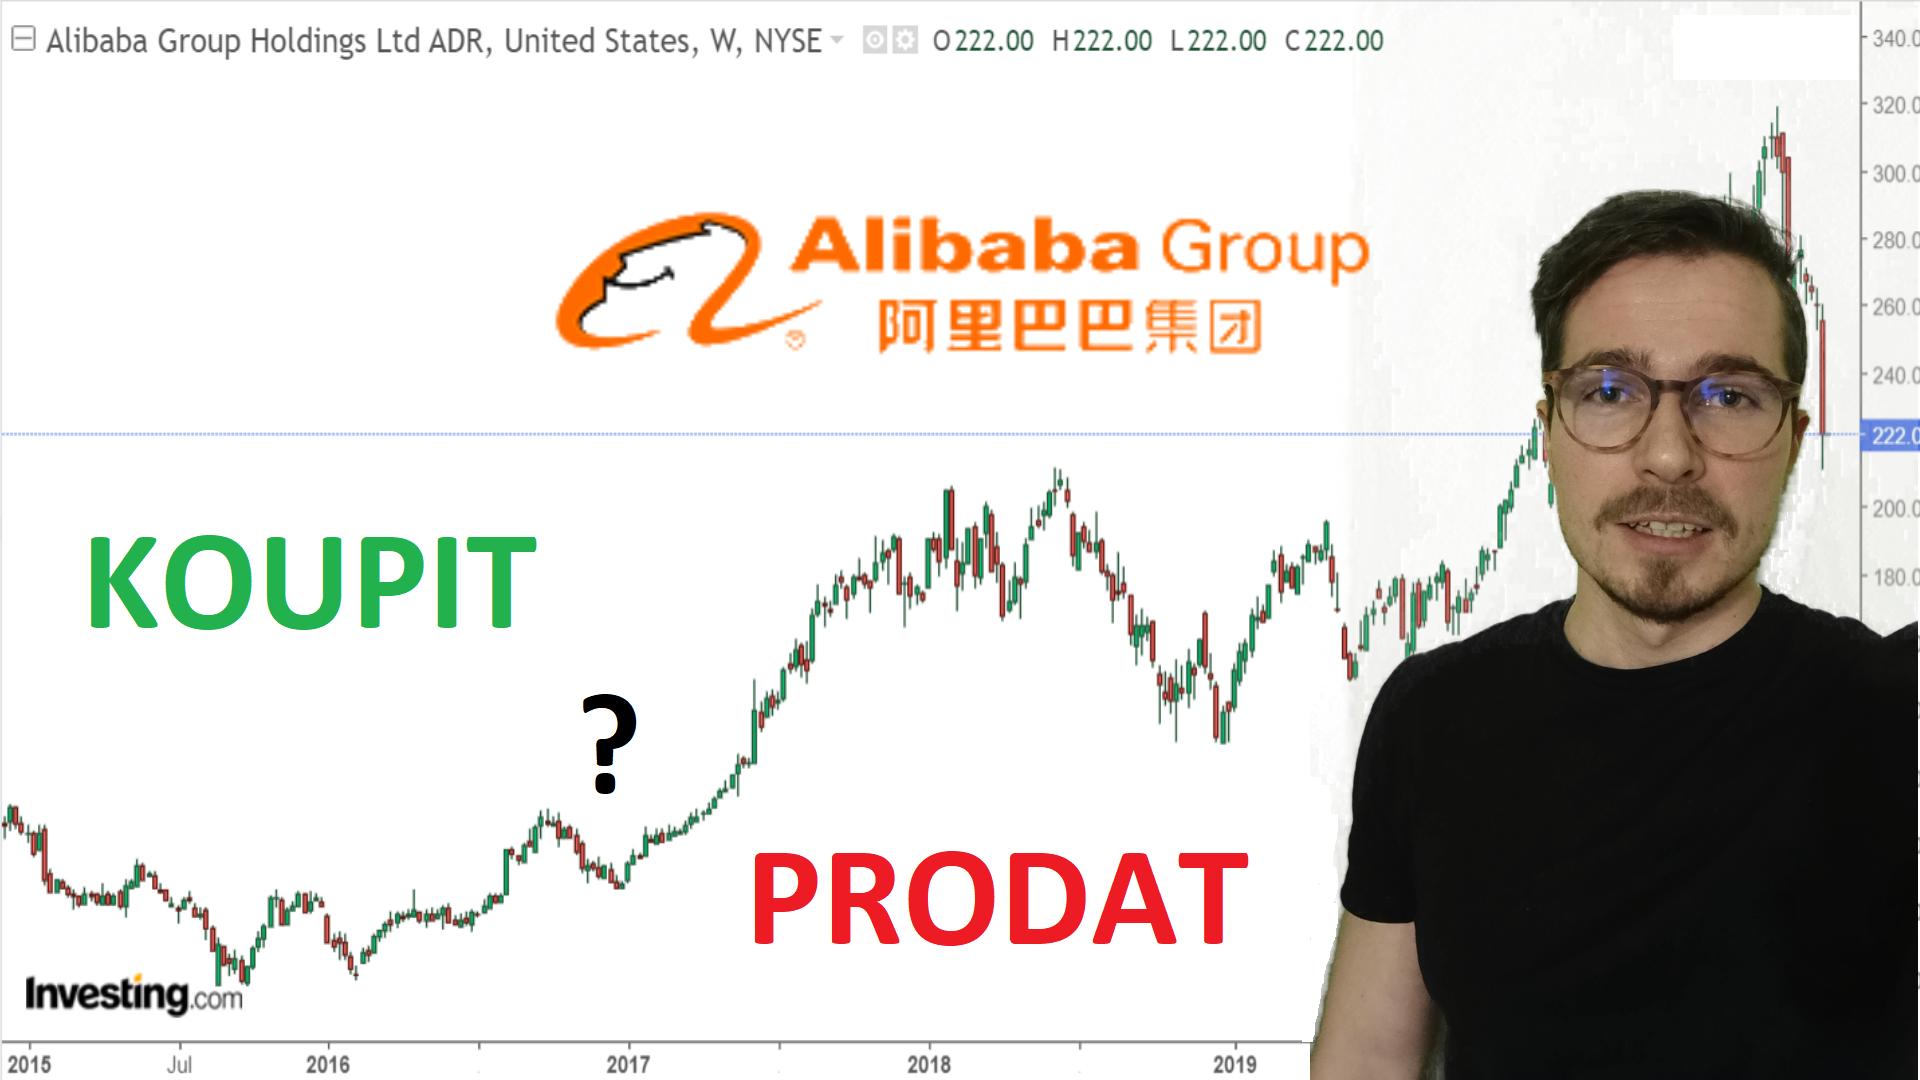 Analýza společnosti Alibaba Group BABA akcie